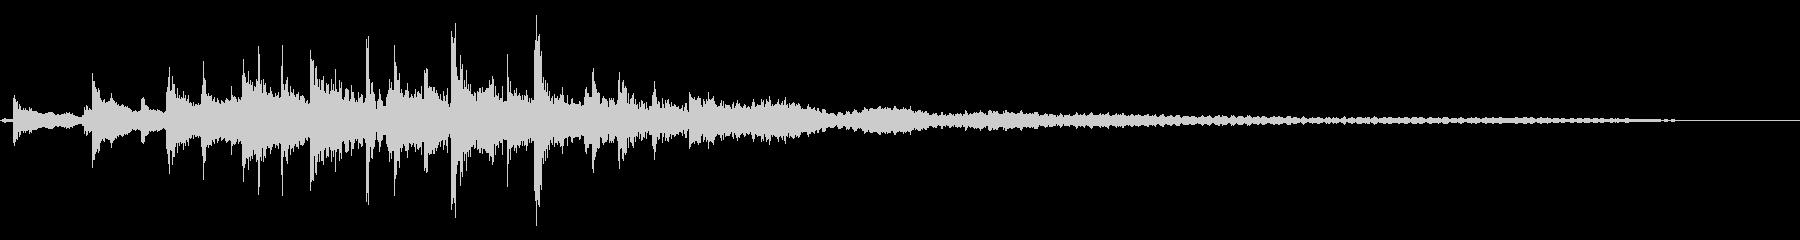 インド風ジングル04の未再生の波形